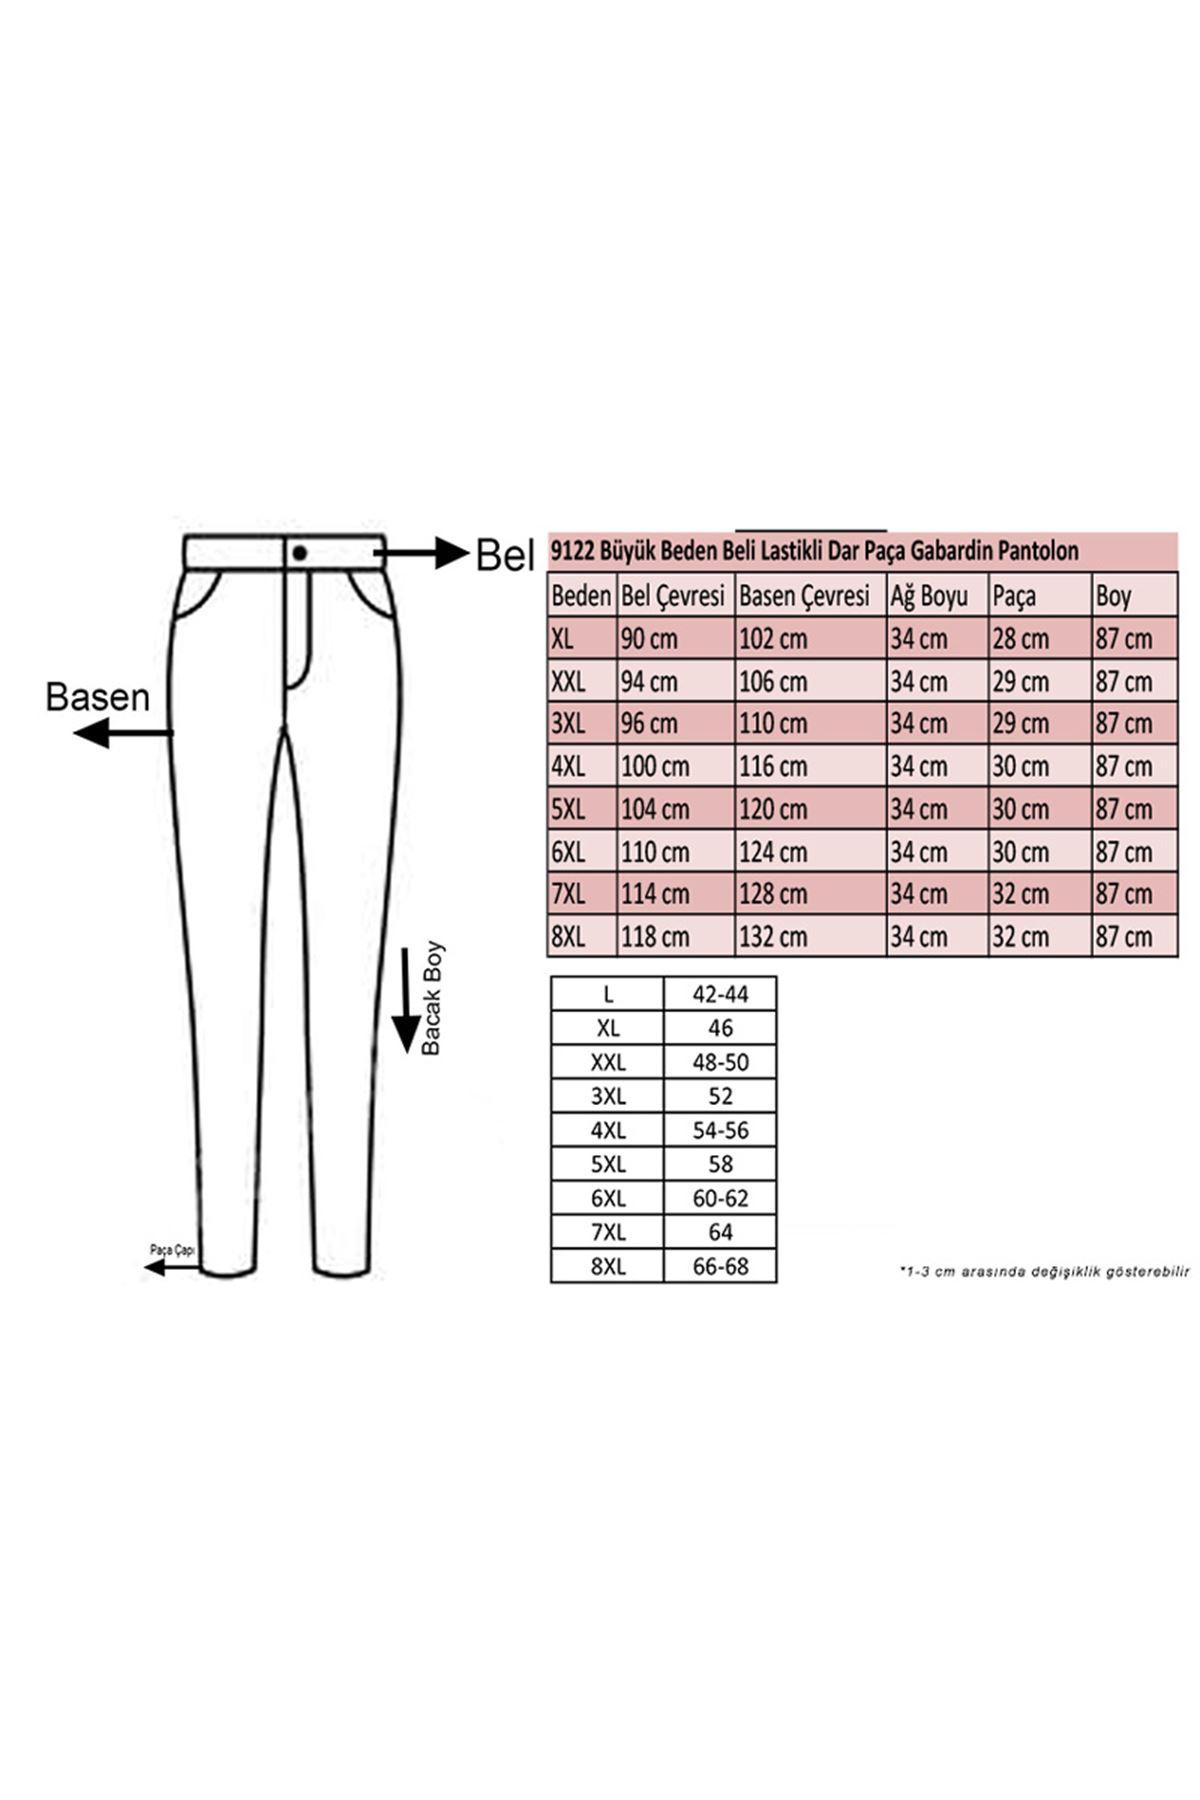 9122-1 Büyük Beden Beli Lastikli Dar Paça Gabardin Pantolon - İndigo